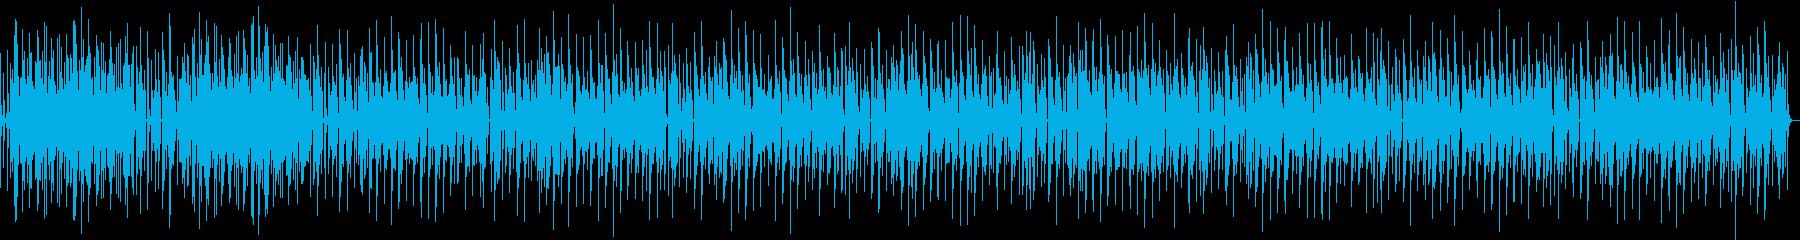 本格バンドサウンドお洒落なブルースBGMの再生済みの波形